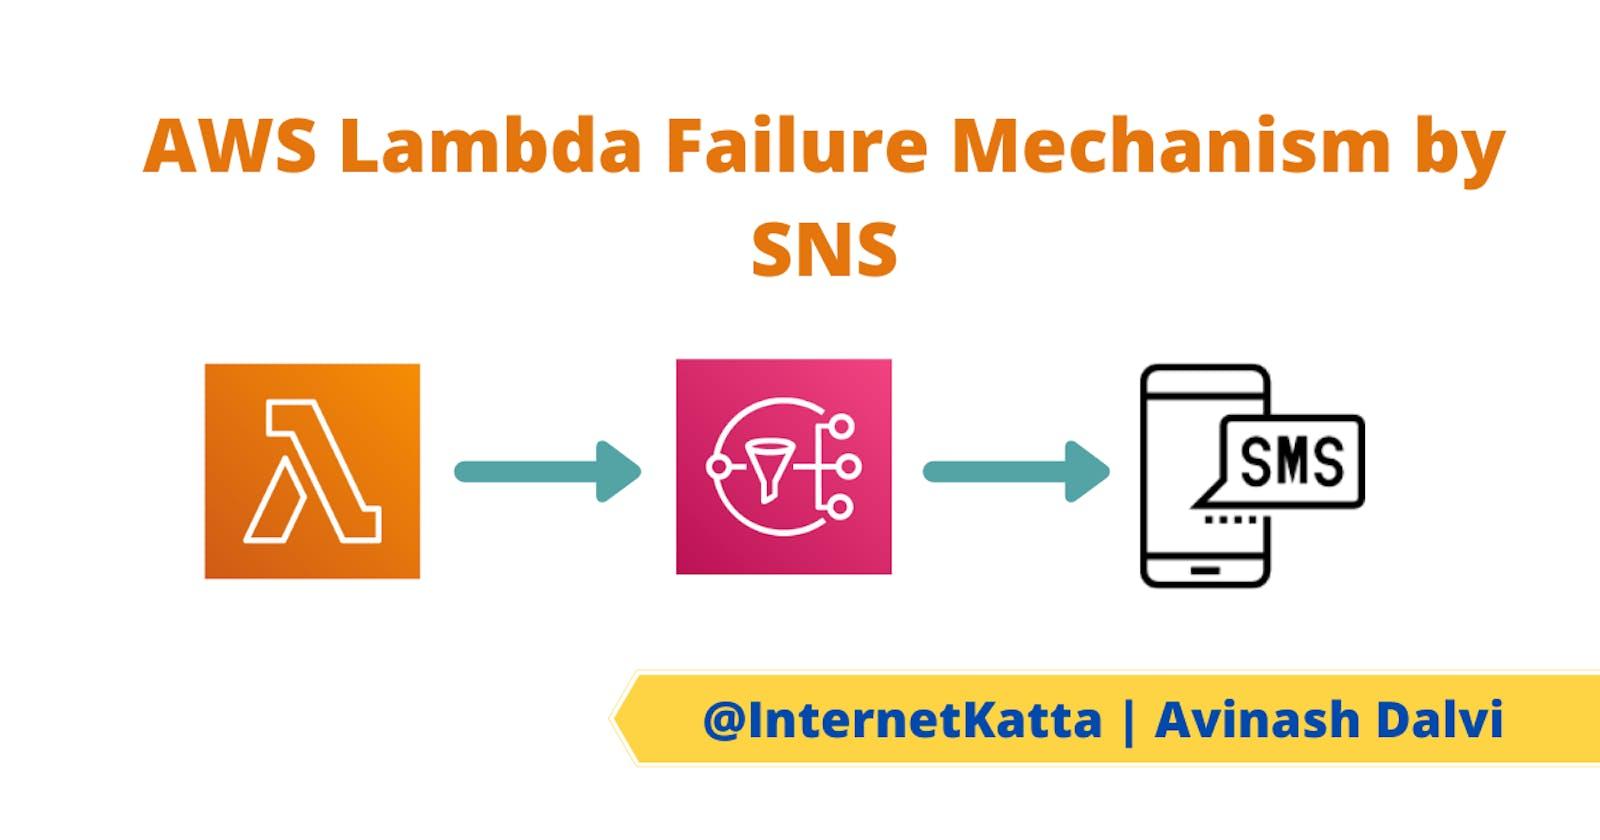 AWS Lambda monitoring mechanism using SNS